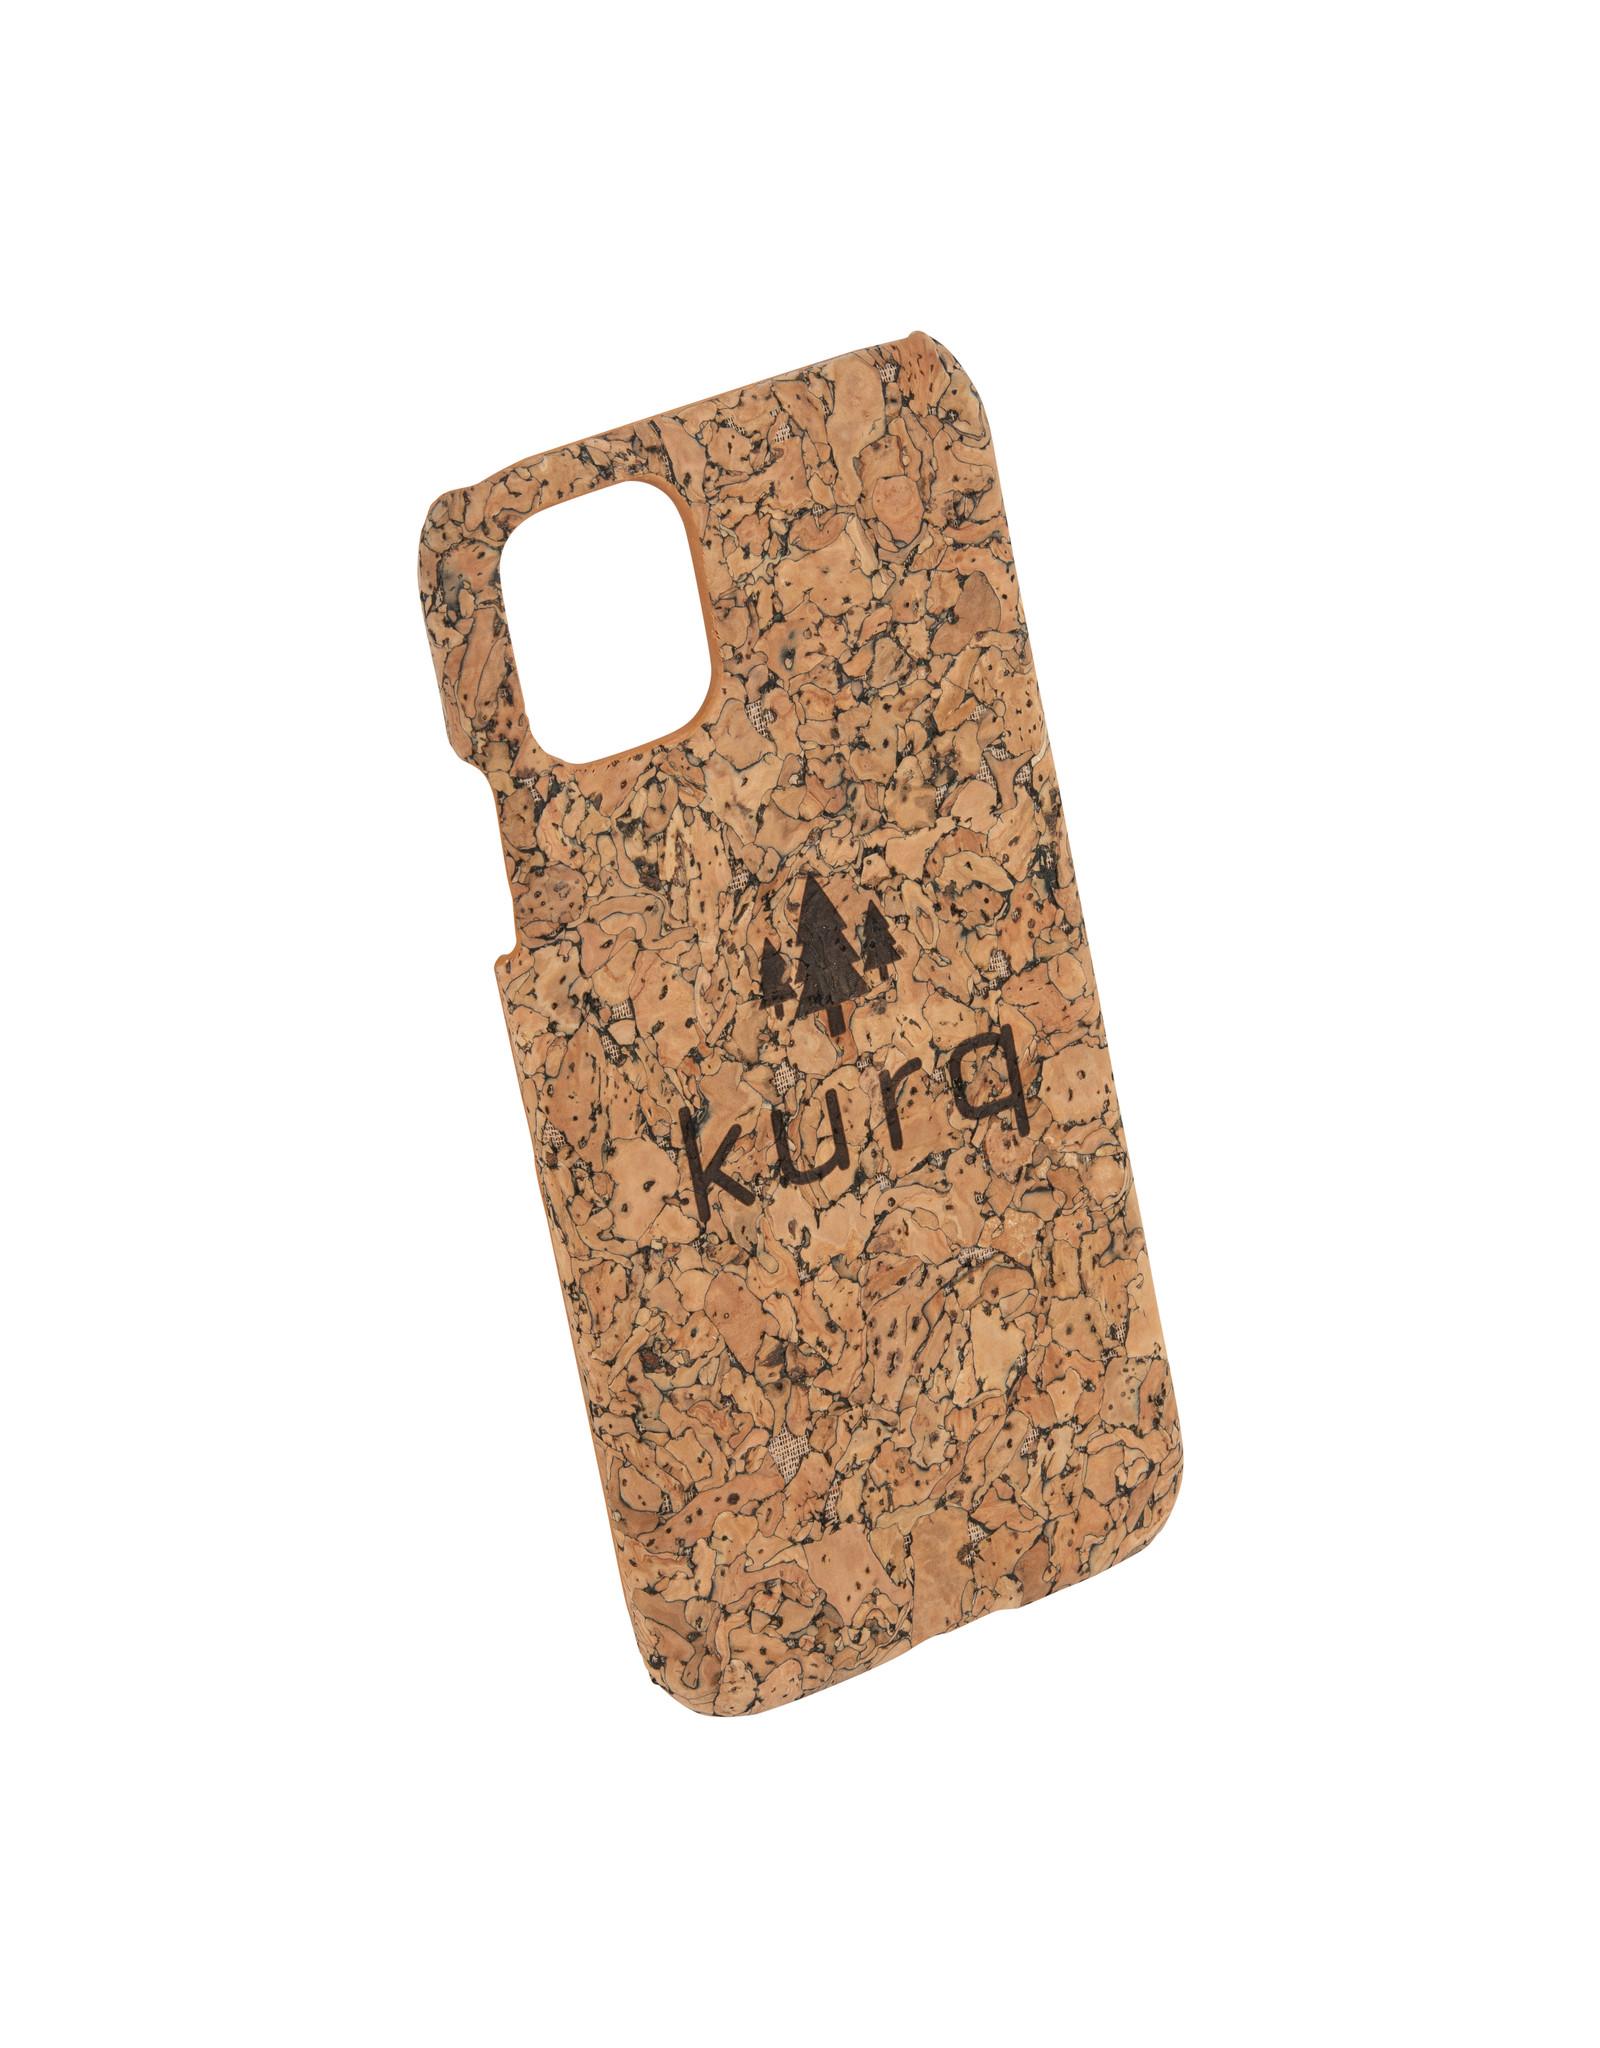 KURQ - Kurk telefoonhoesje voor iPhone 11